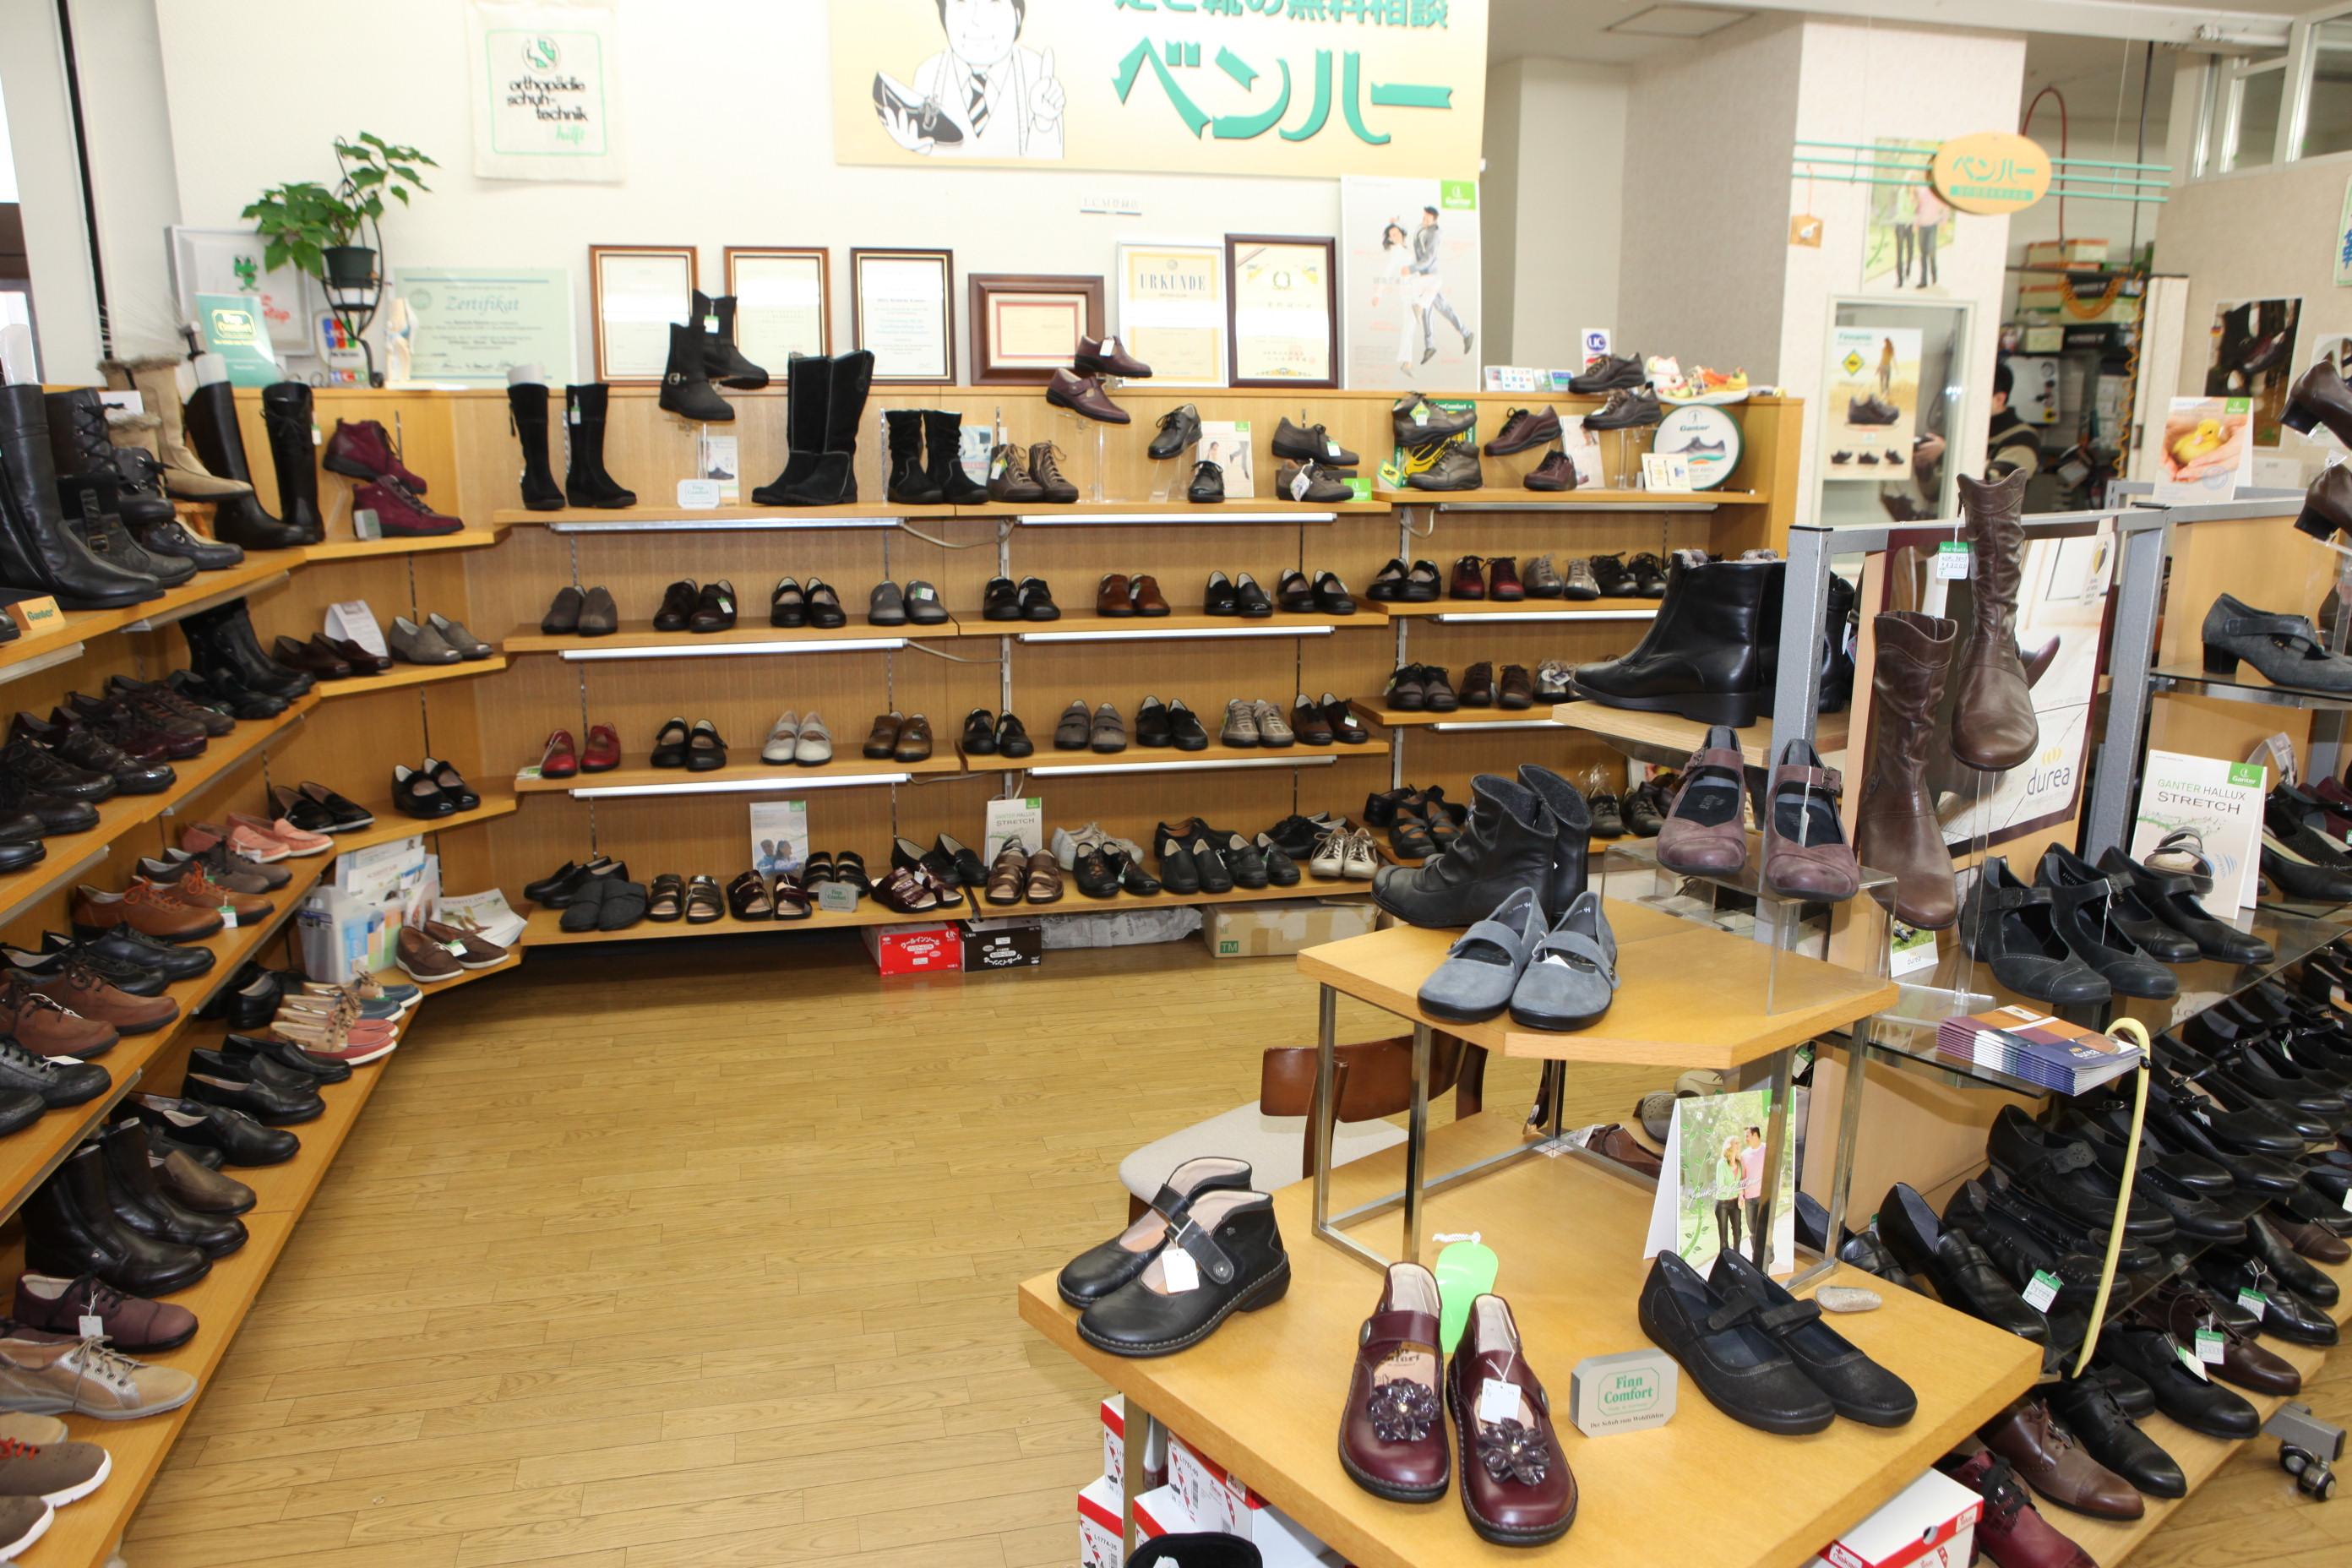 一人ひとりの足に合せ、必要があれば靴やインソールを調整いたします。